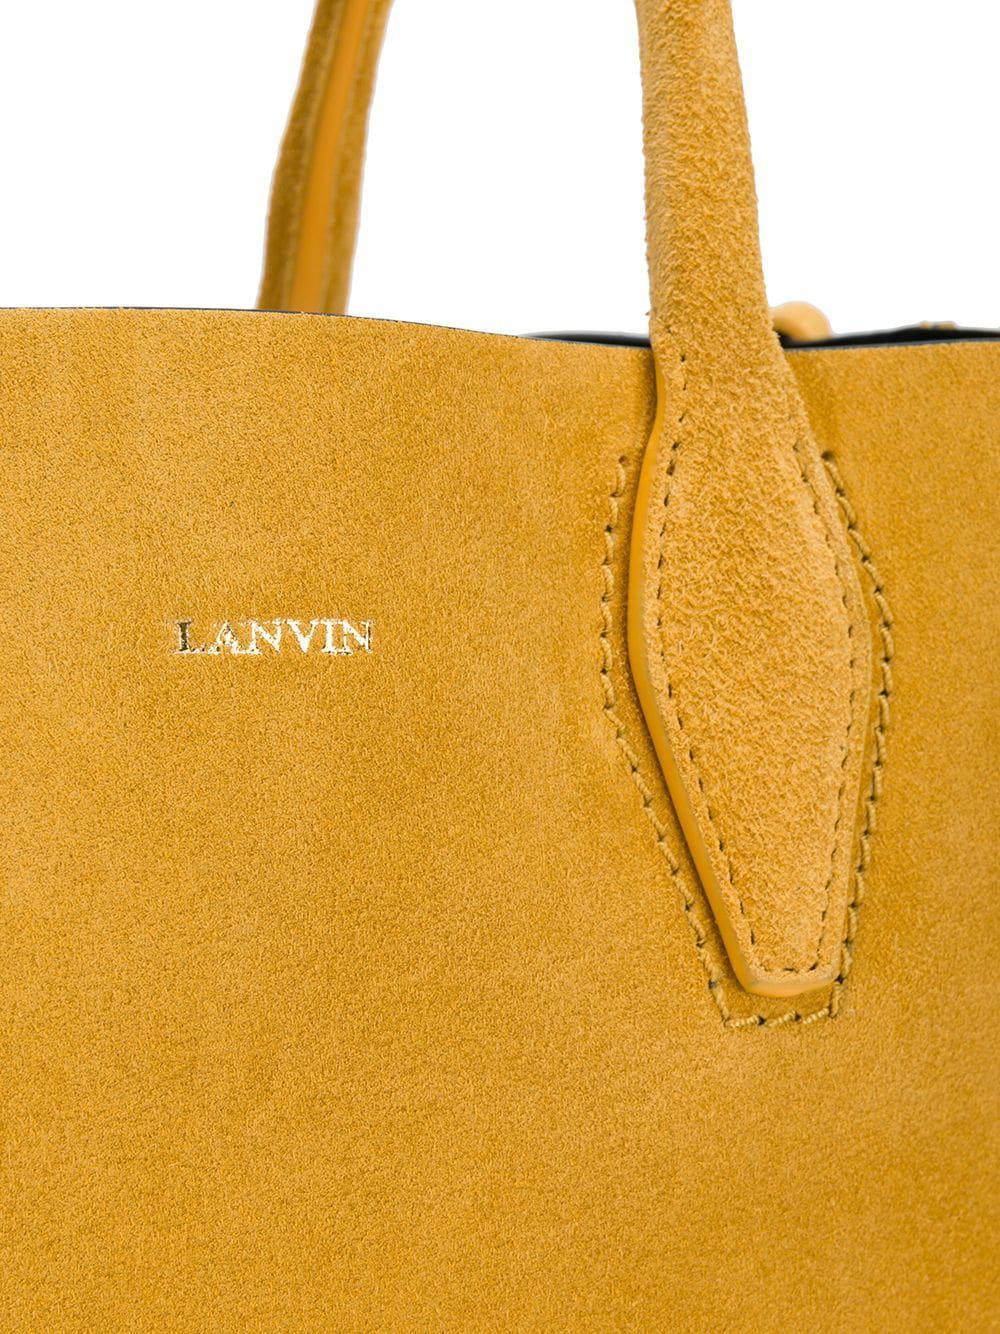 537219b6ec Sac à main en daim Lanvin - Lyst